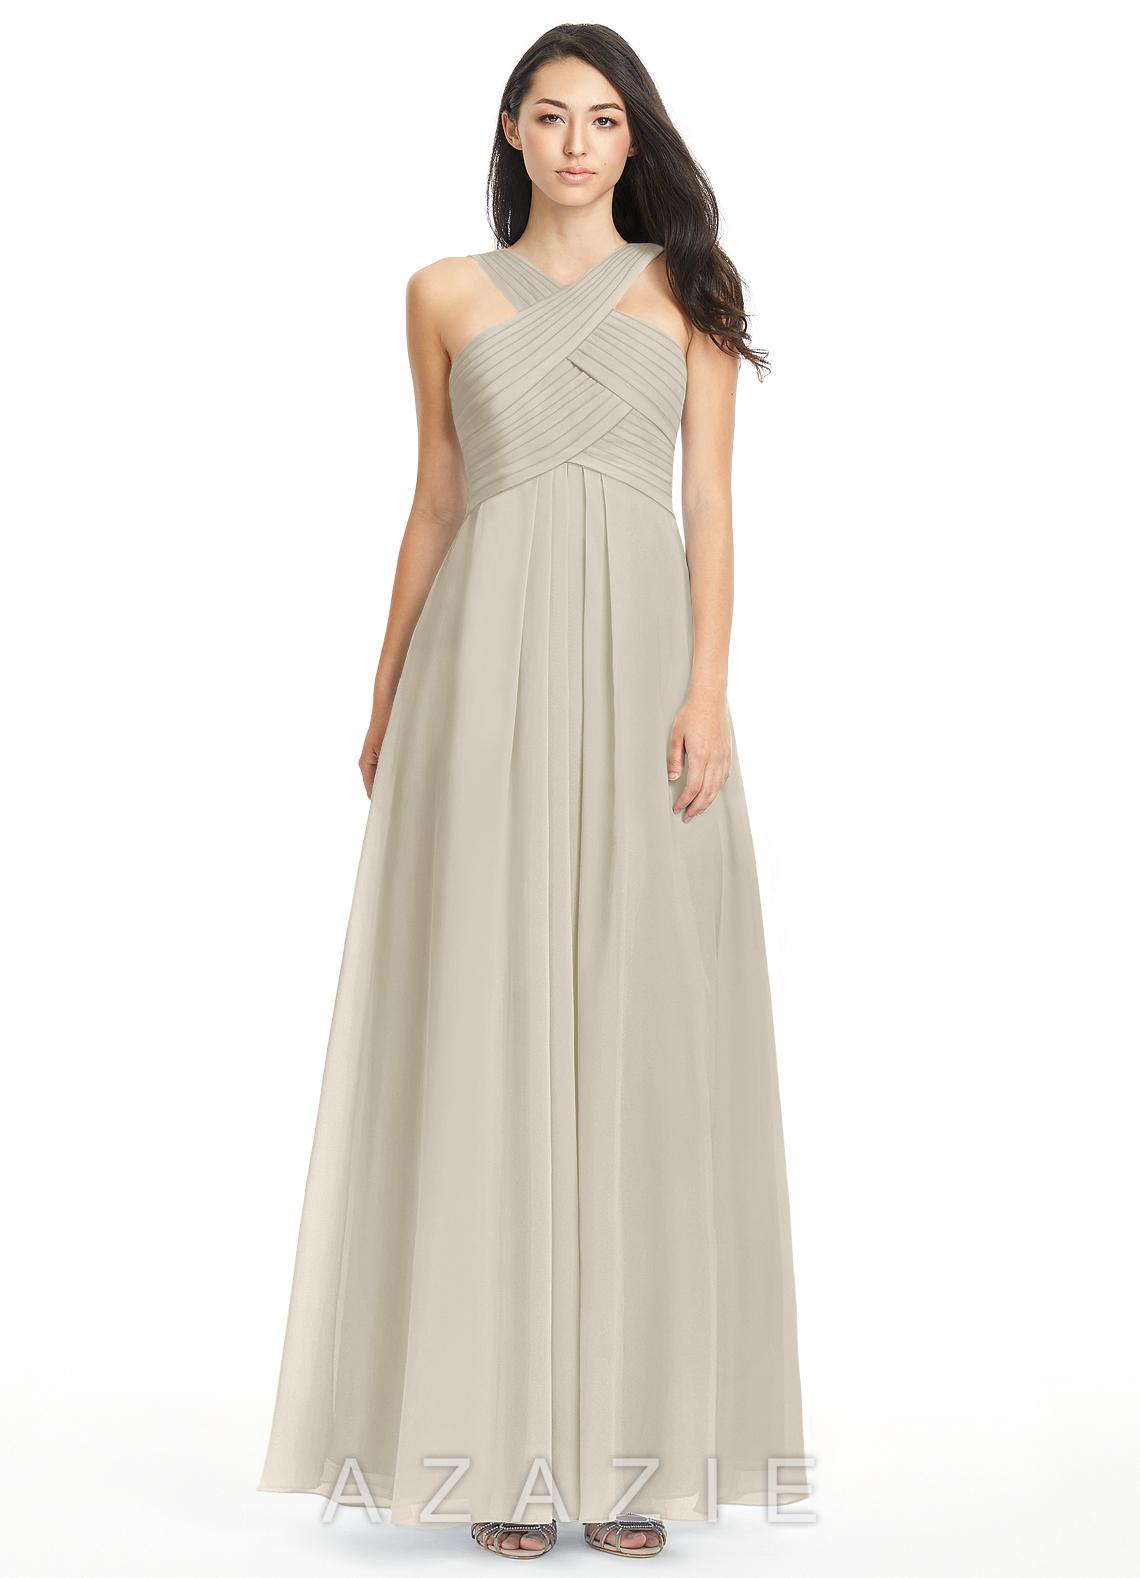 Petal Knee Length One Shoulder Dress